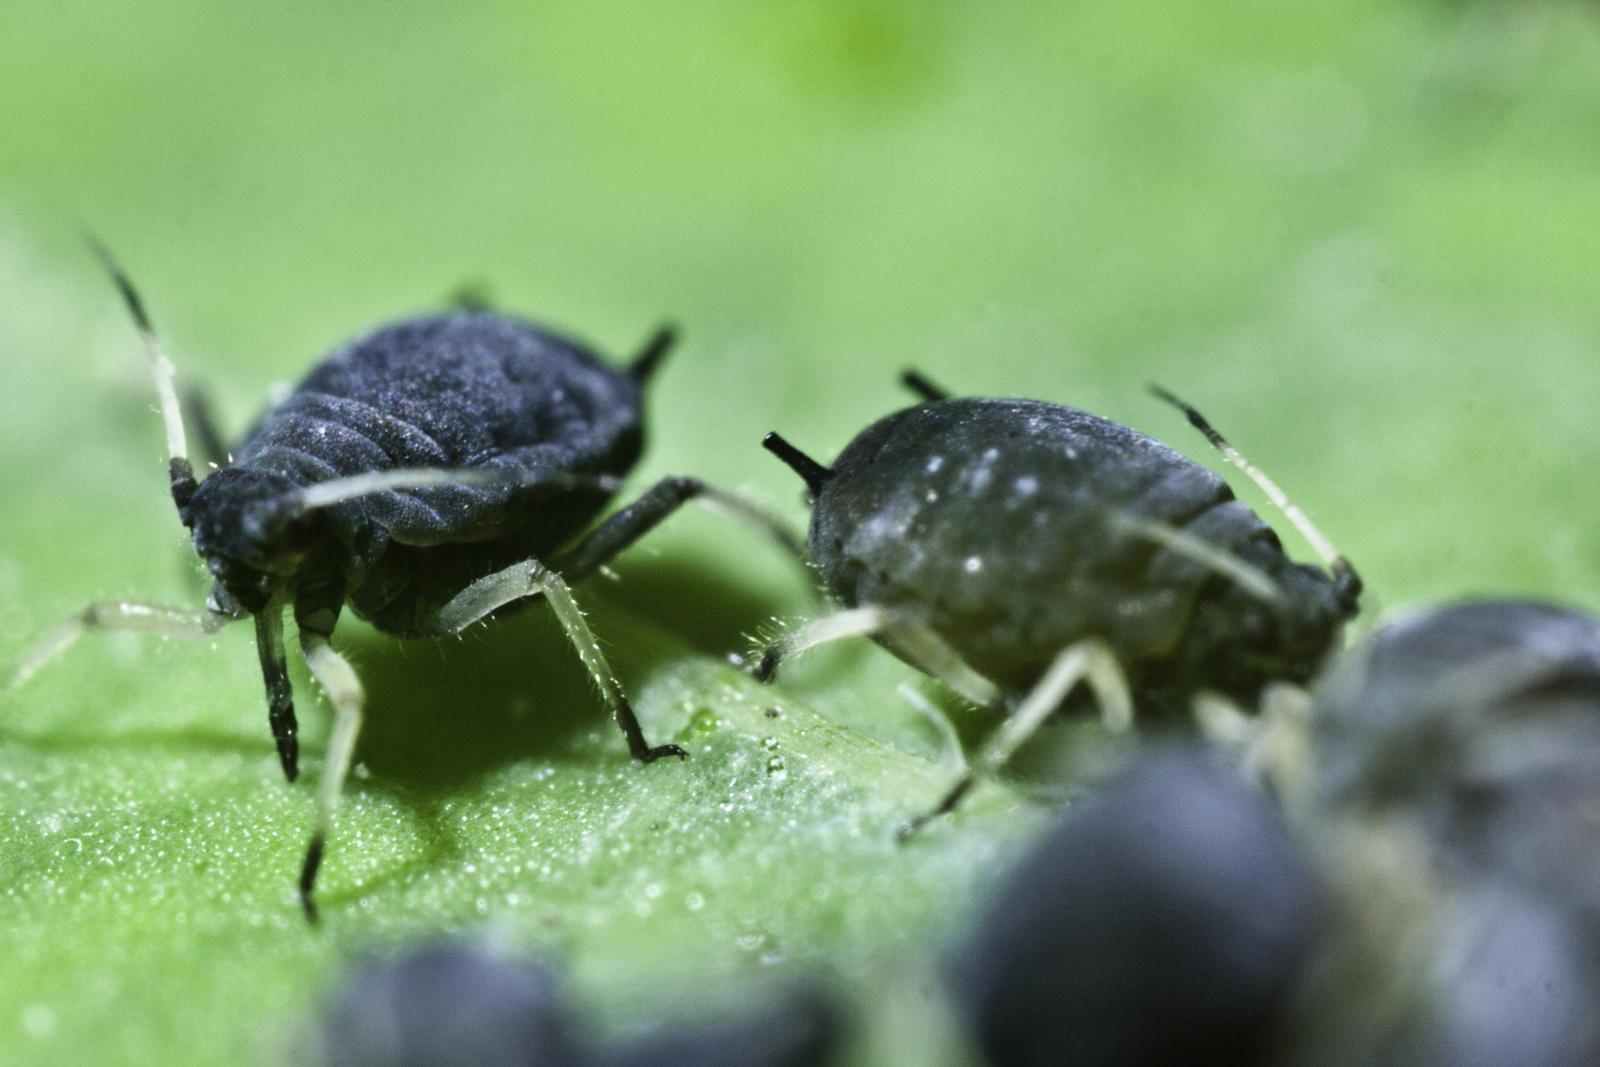 schwarze bohnenlaus erkennen vorbeugen biologisch bek mpfen plantura. Black Bedroom Furniture Sets. Home Design Ideas